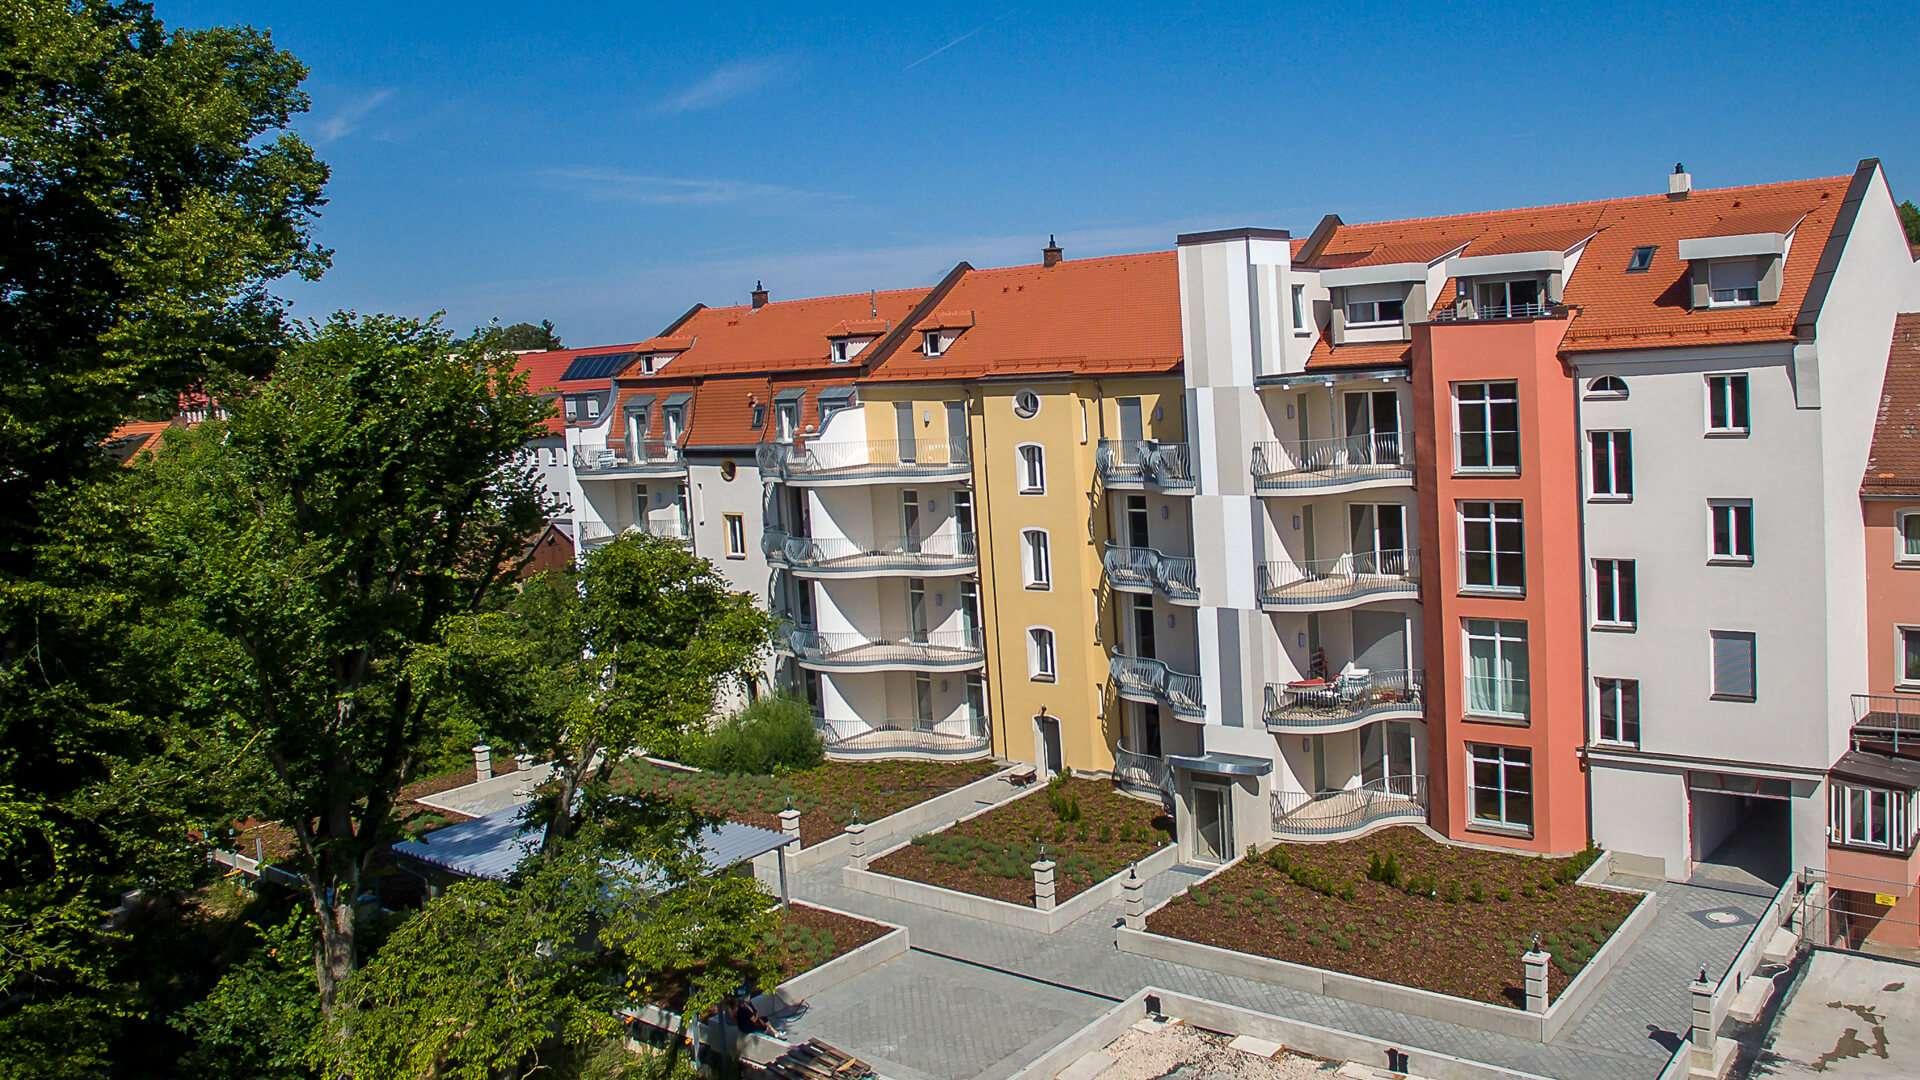 Historisch - Modern - Wohnen in Ansbach in